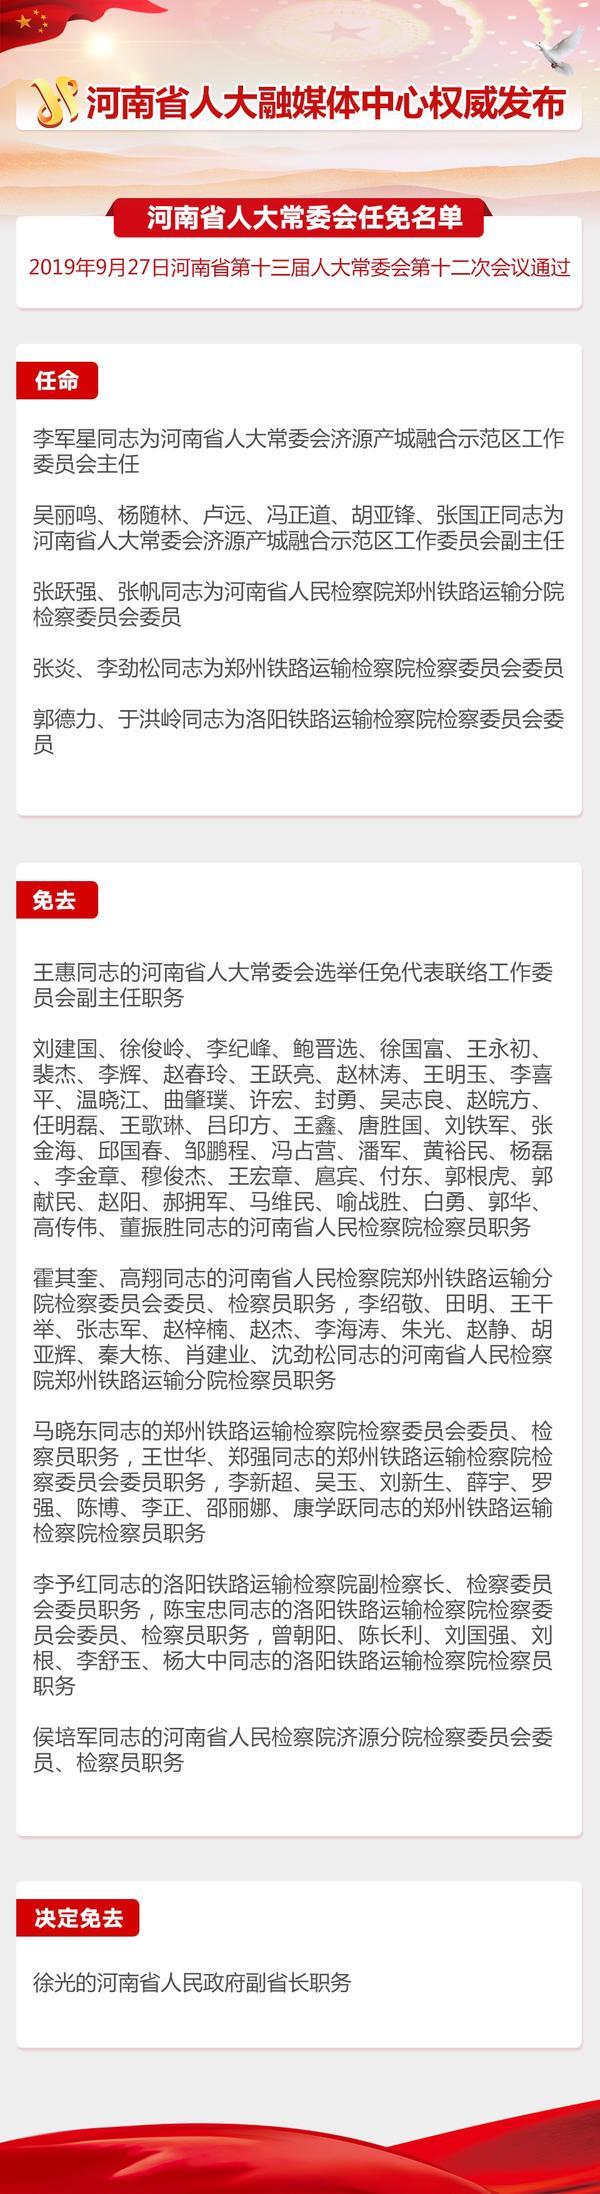 郑眼看盘:蓝筹有所回血 科技股暂时调整